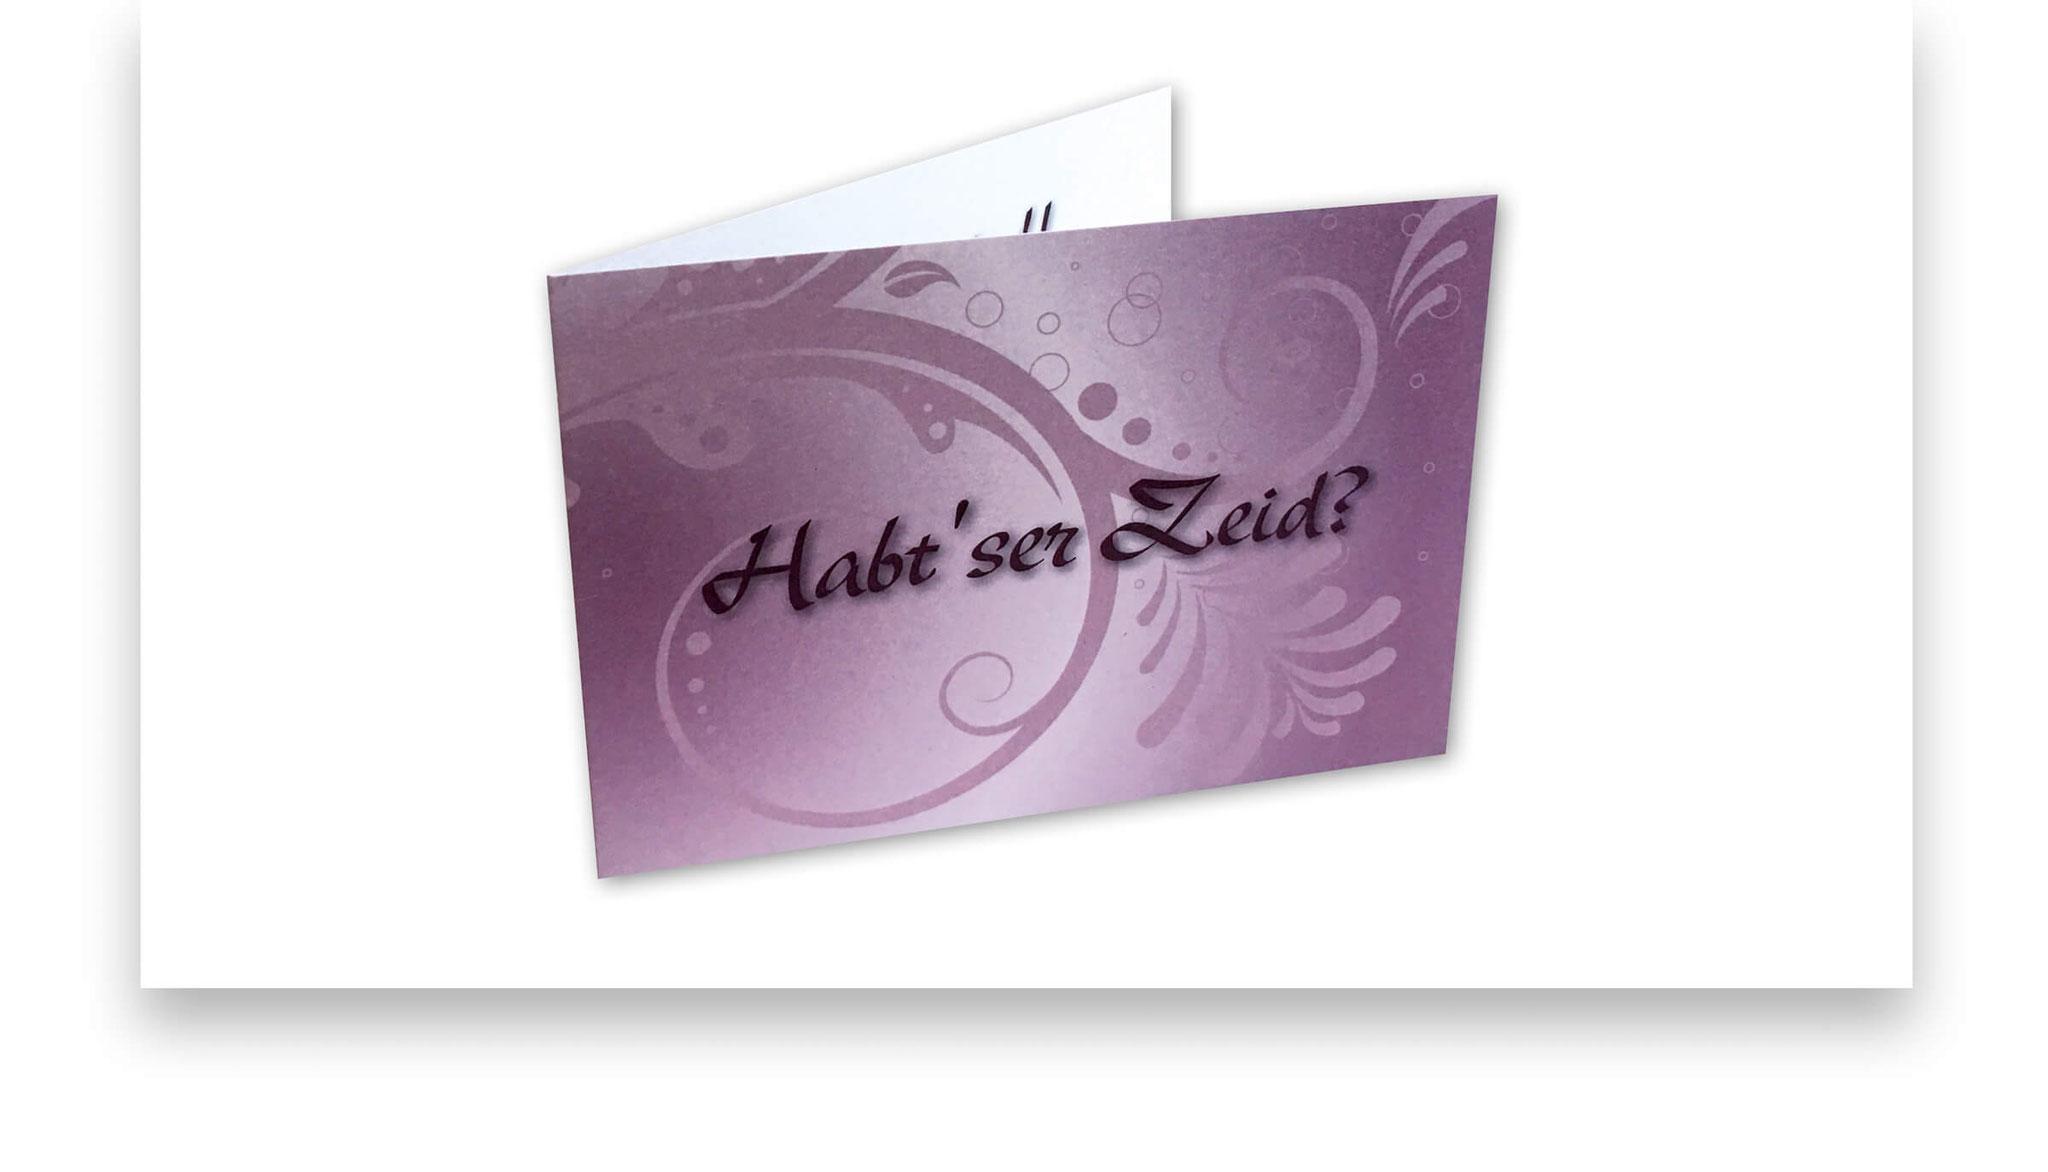 Einladungskarte zu einem privaten Anlass.